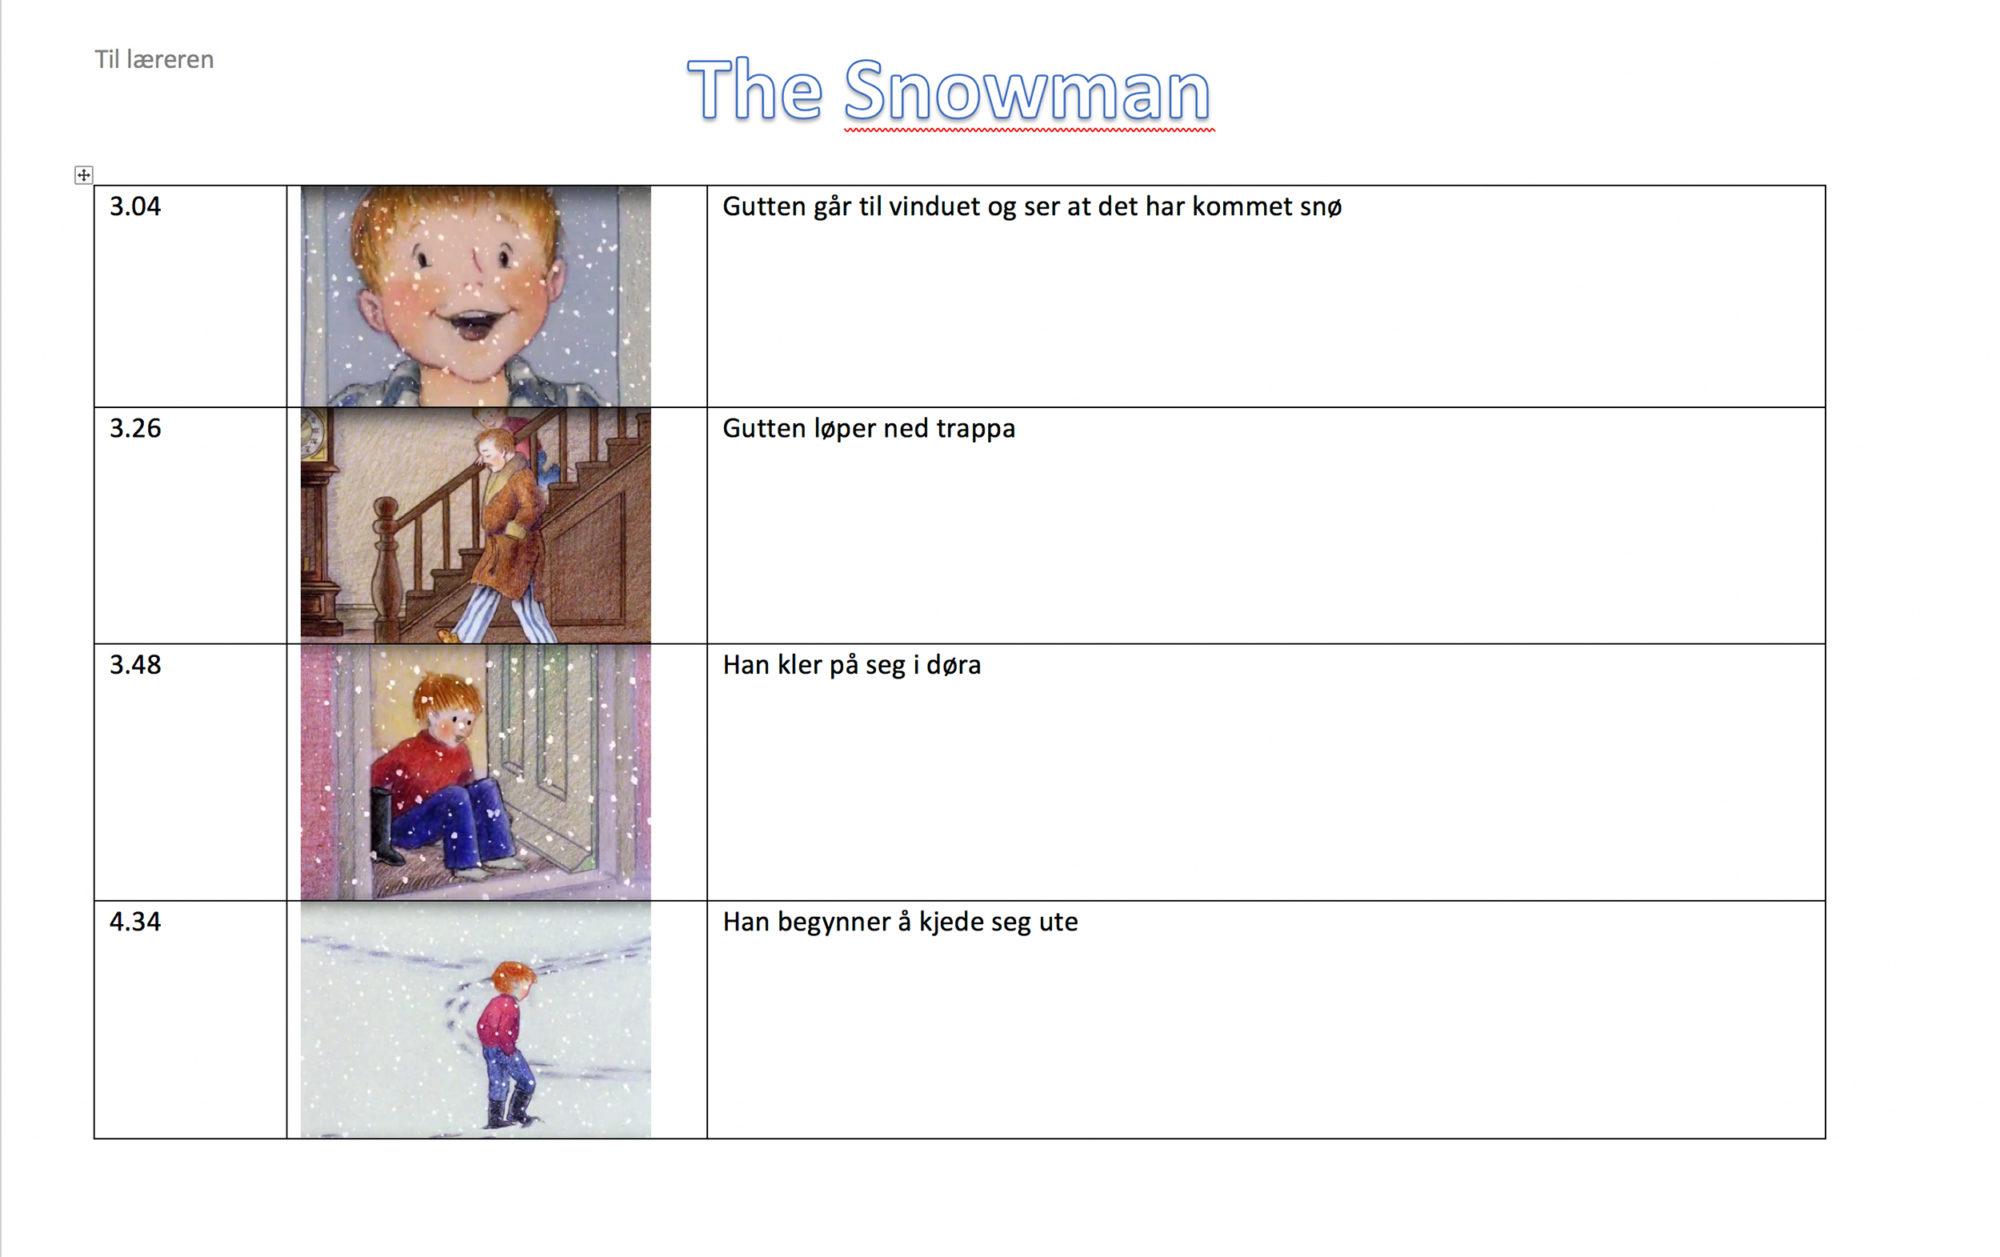 Skjermdump av skriveramme til filmen «The Snowman»